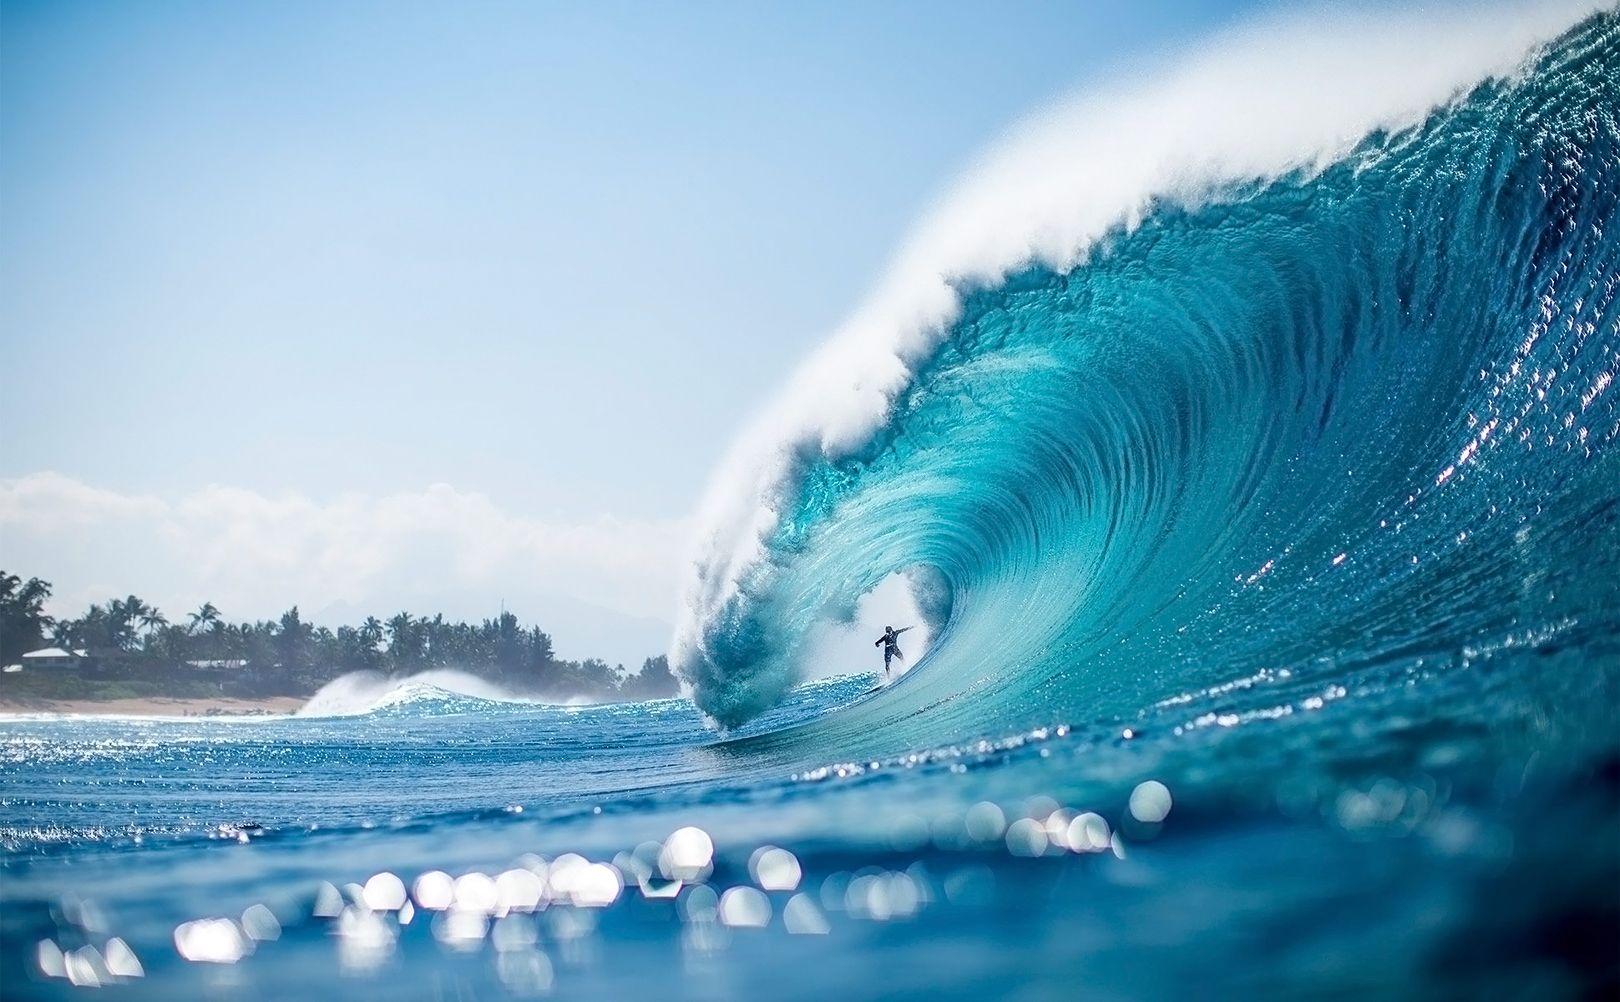 GoPro : Endless Barrels and Biggest Waves Ever Surfed [Videos]